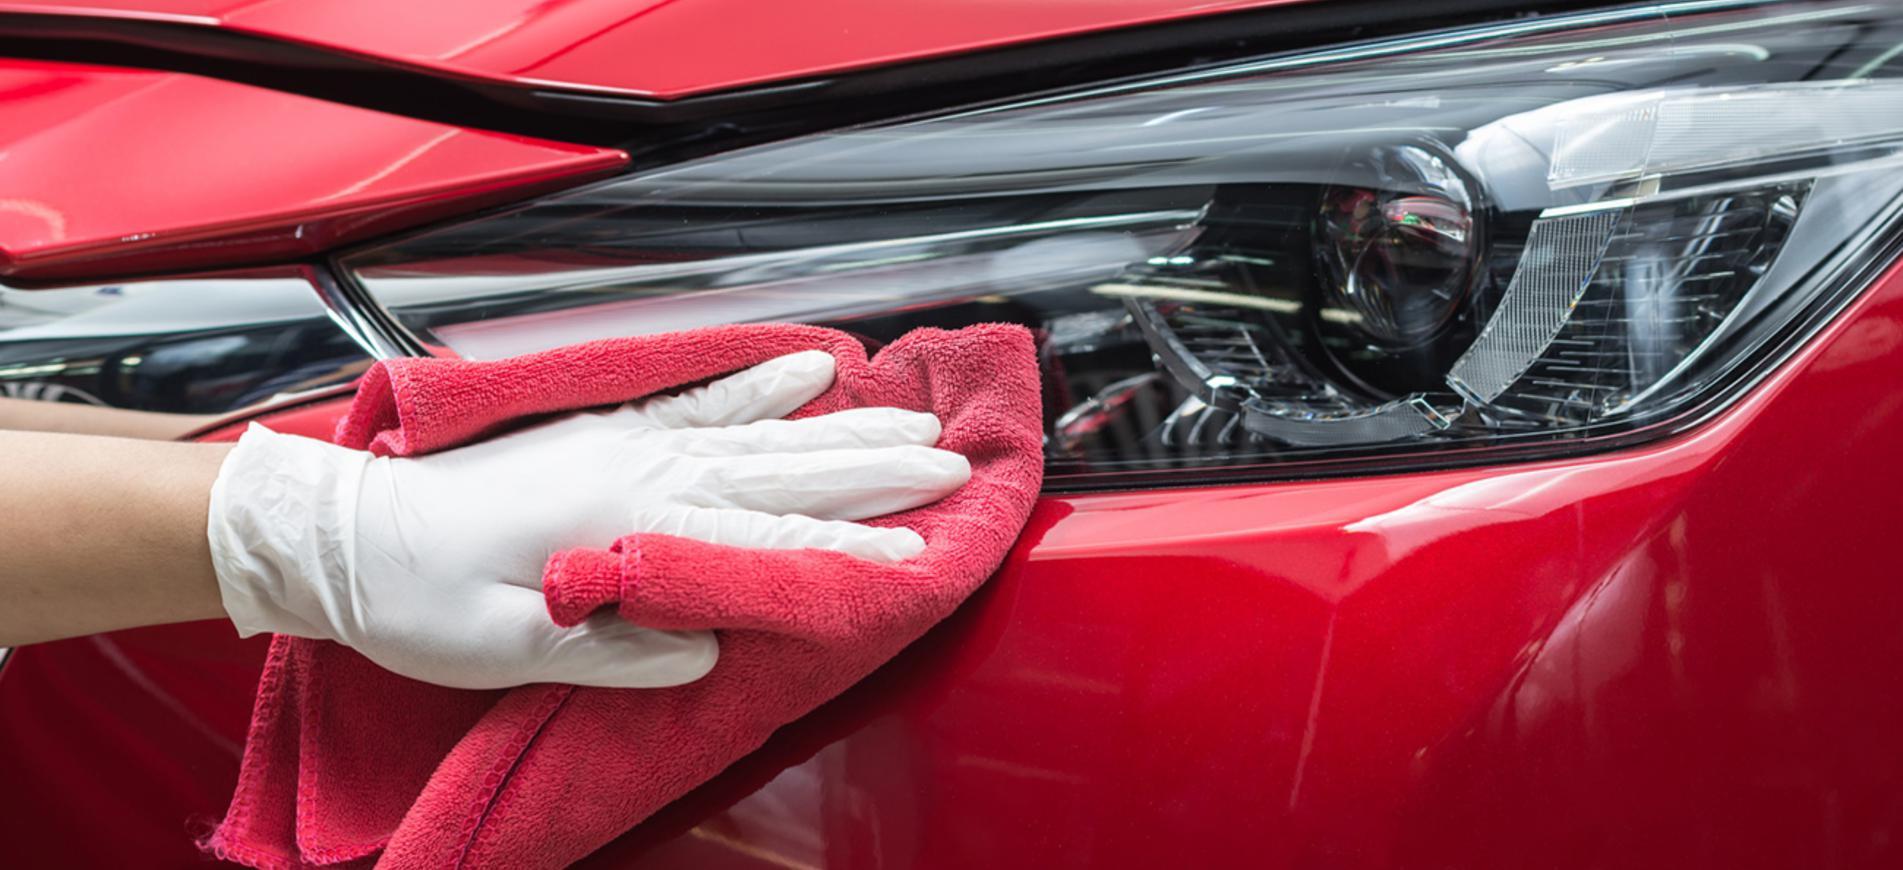 Le 25 mars 2020</br><b>Autofinancement projet ados, lavage de voiture</b>